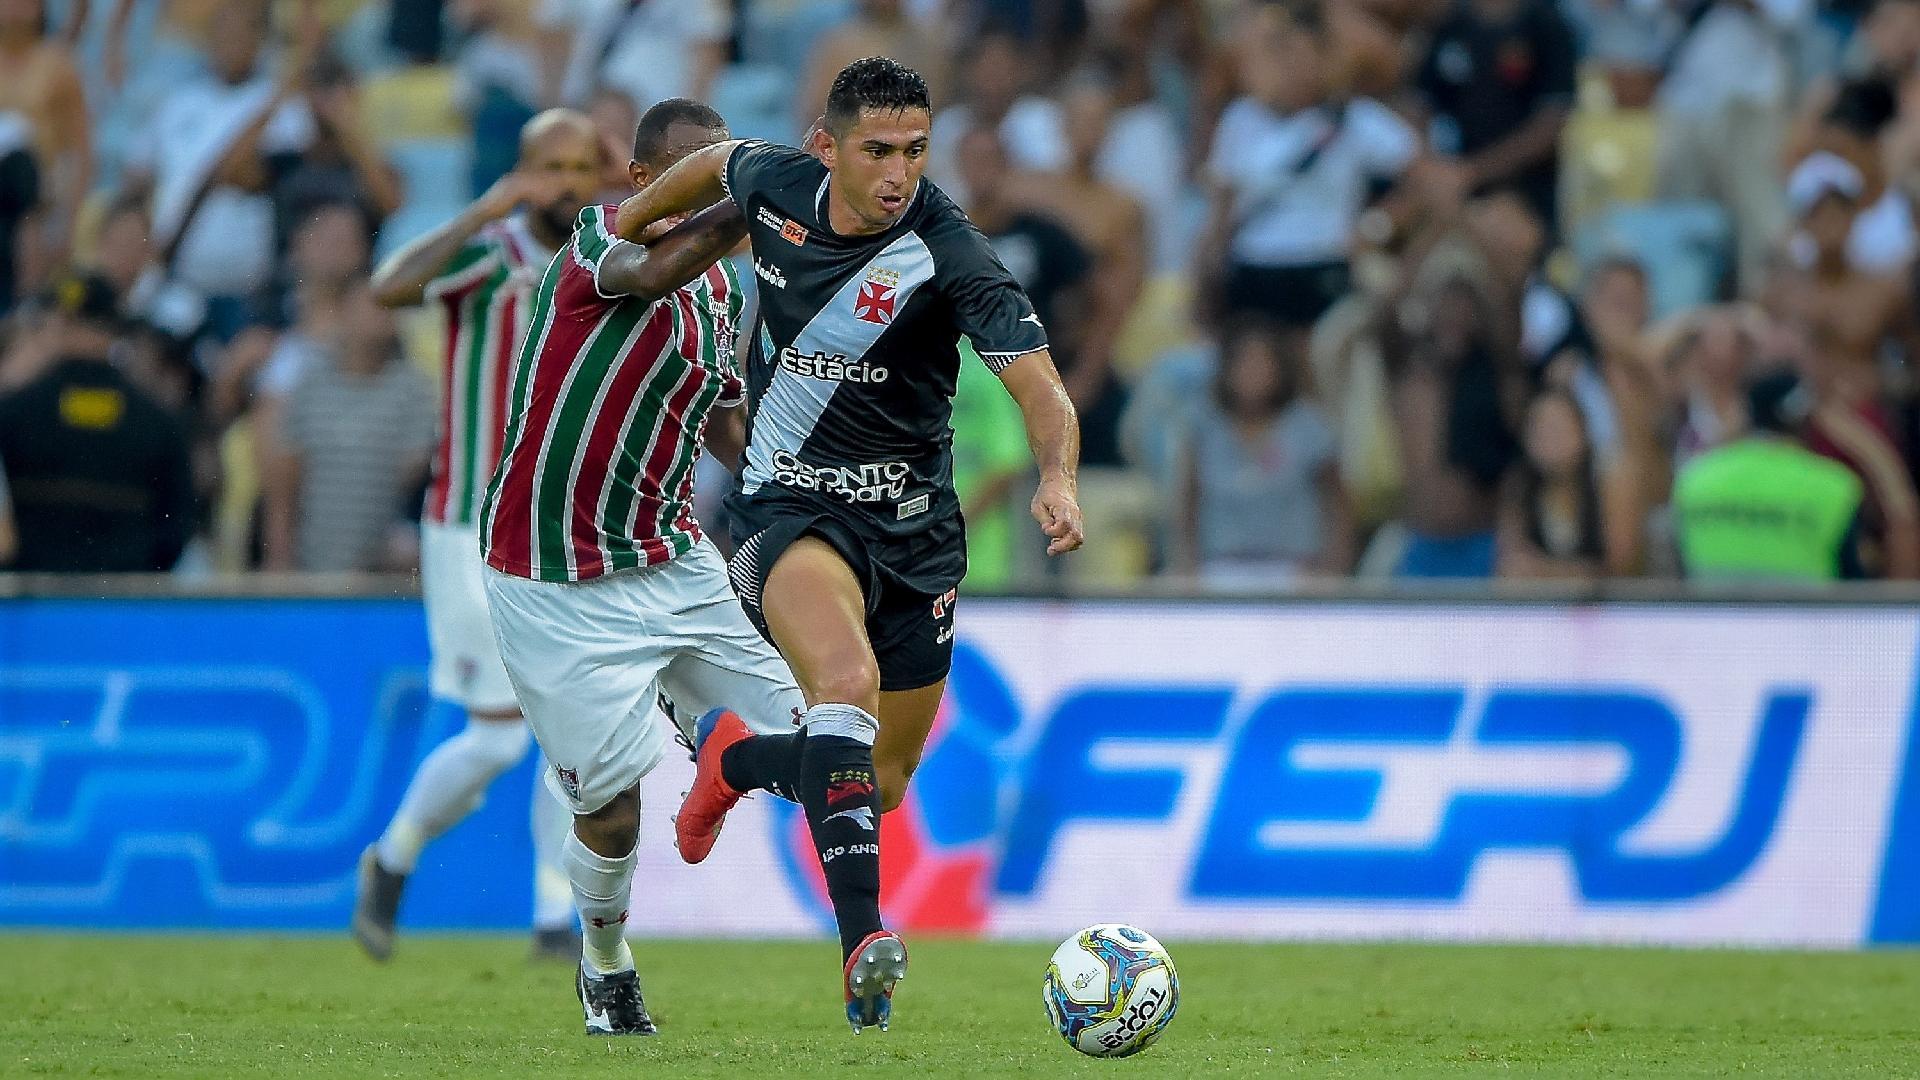 Danilo Barcelos tenta se livrar da marcação durante o jogo entre Vasco e Fluminense